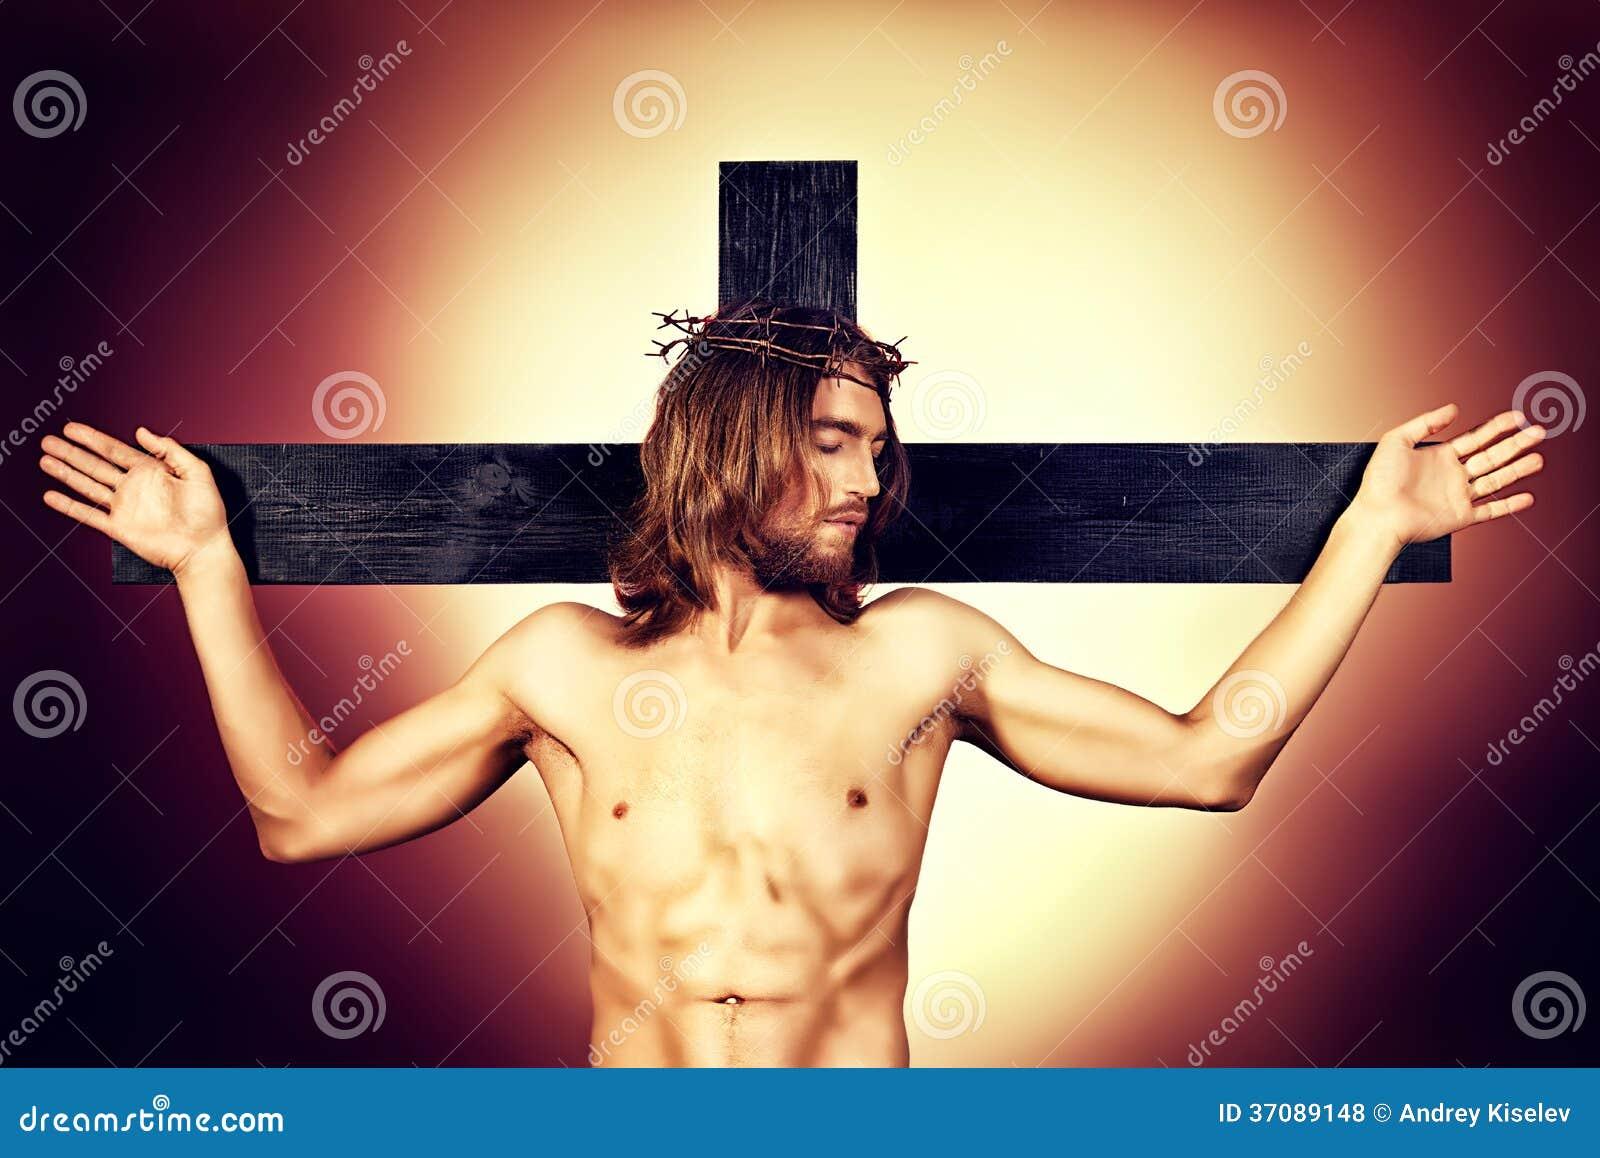 Download Krucyfiks zdjęcie stock. Obraz złożonej z wiara, krucyfiks - 37089148